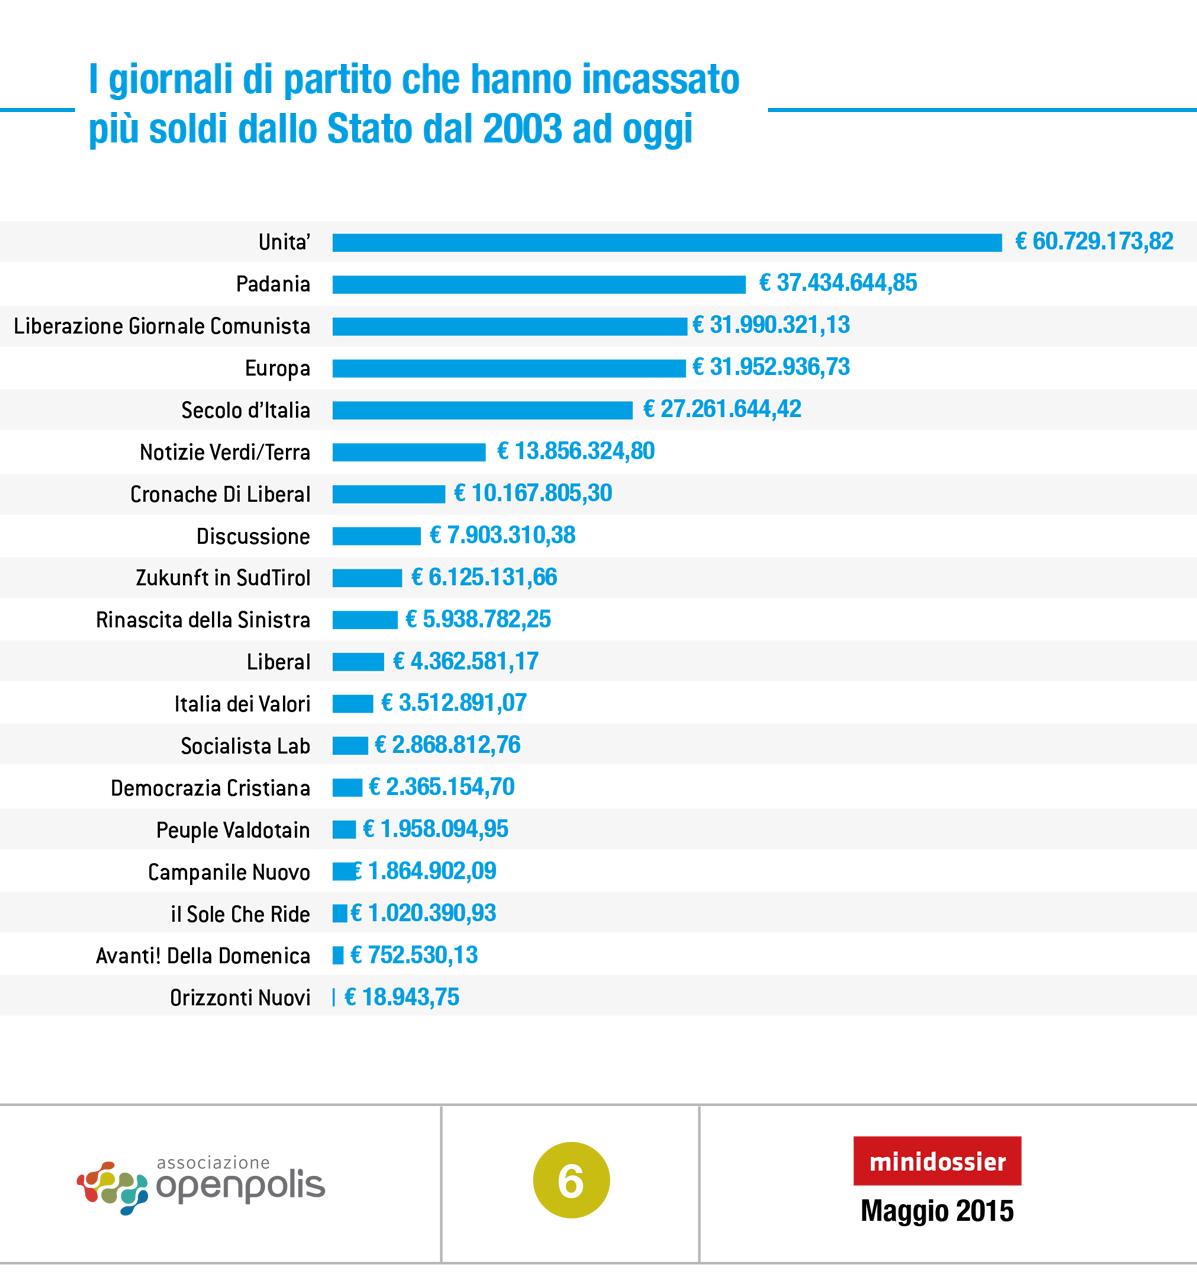 Giornali di partito 340 milioni di finanziamento pubblico for Elenco politici italiani